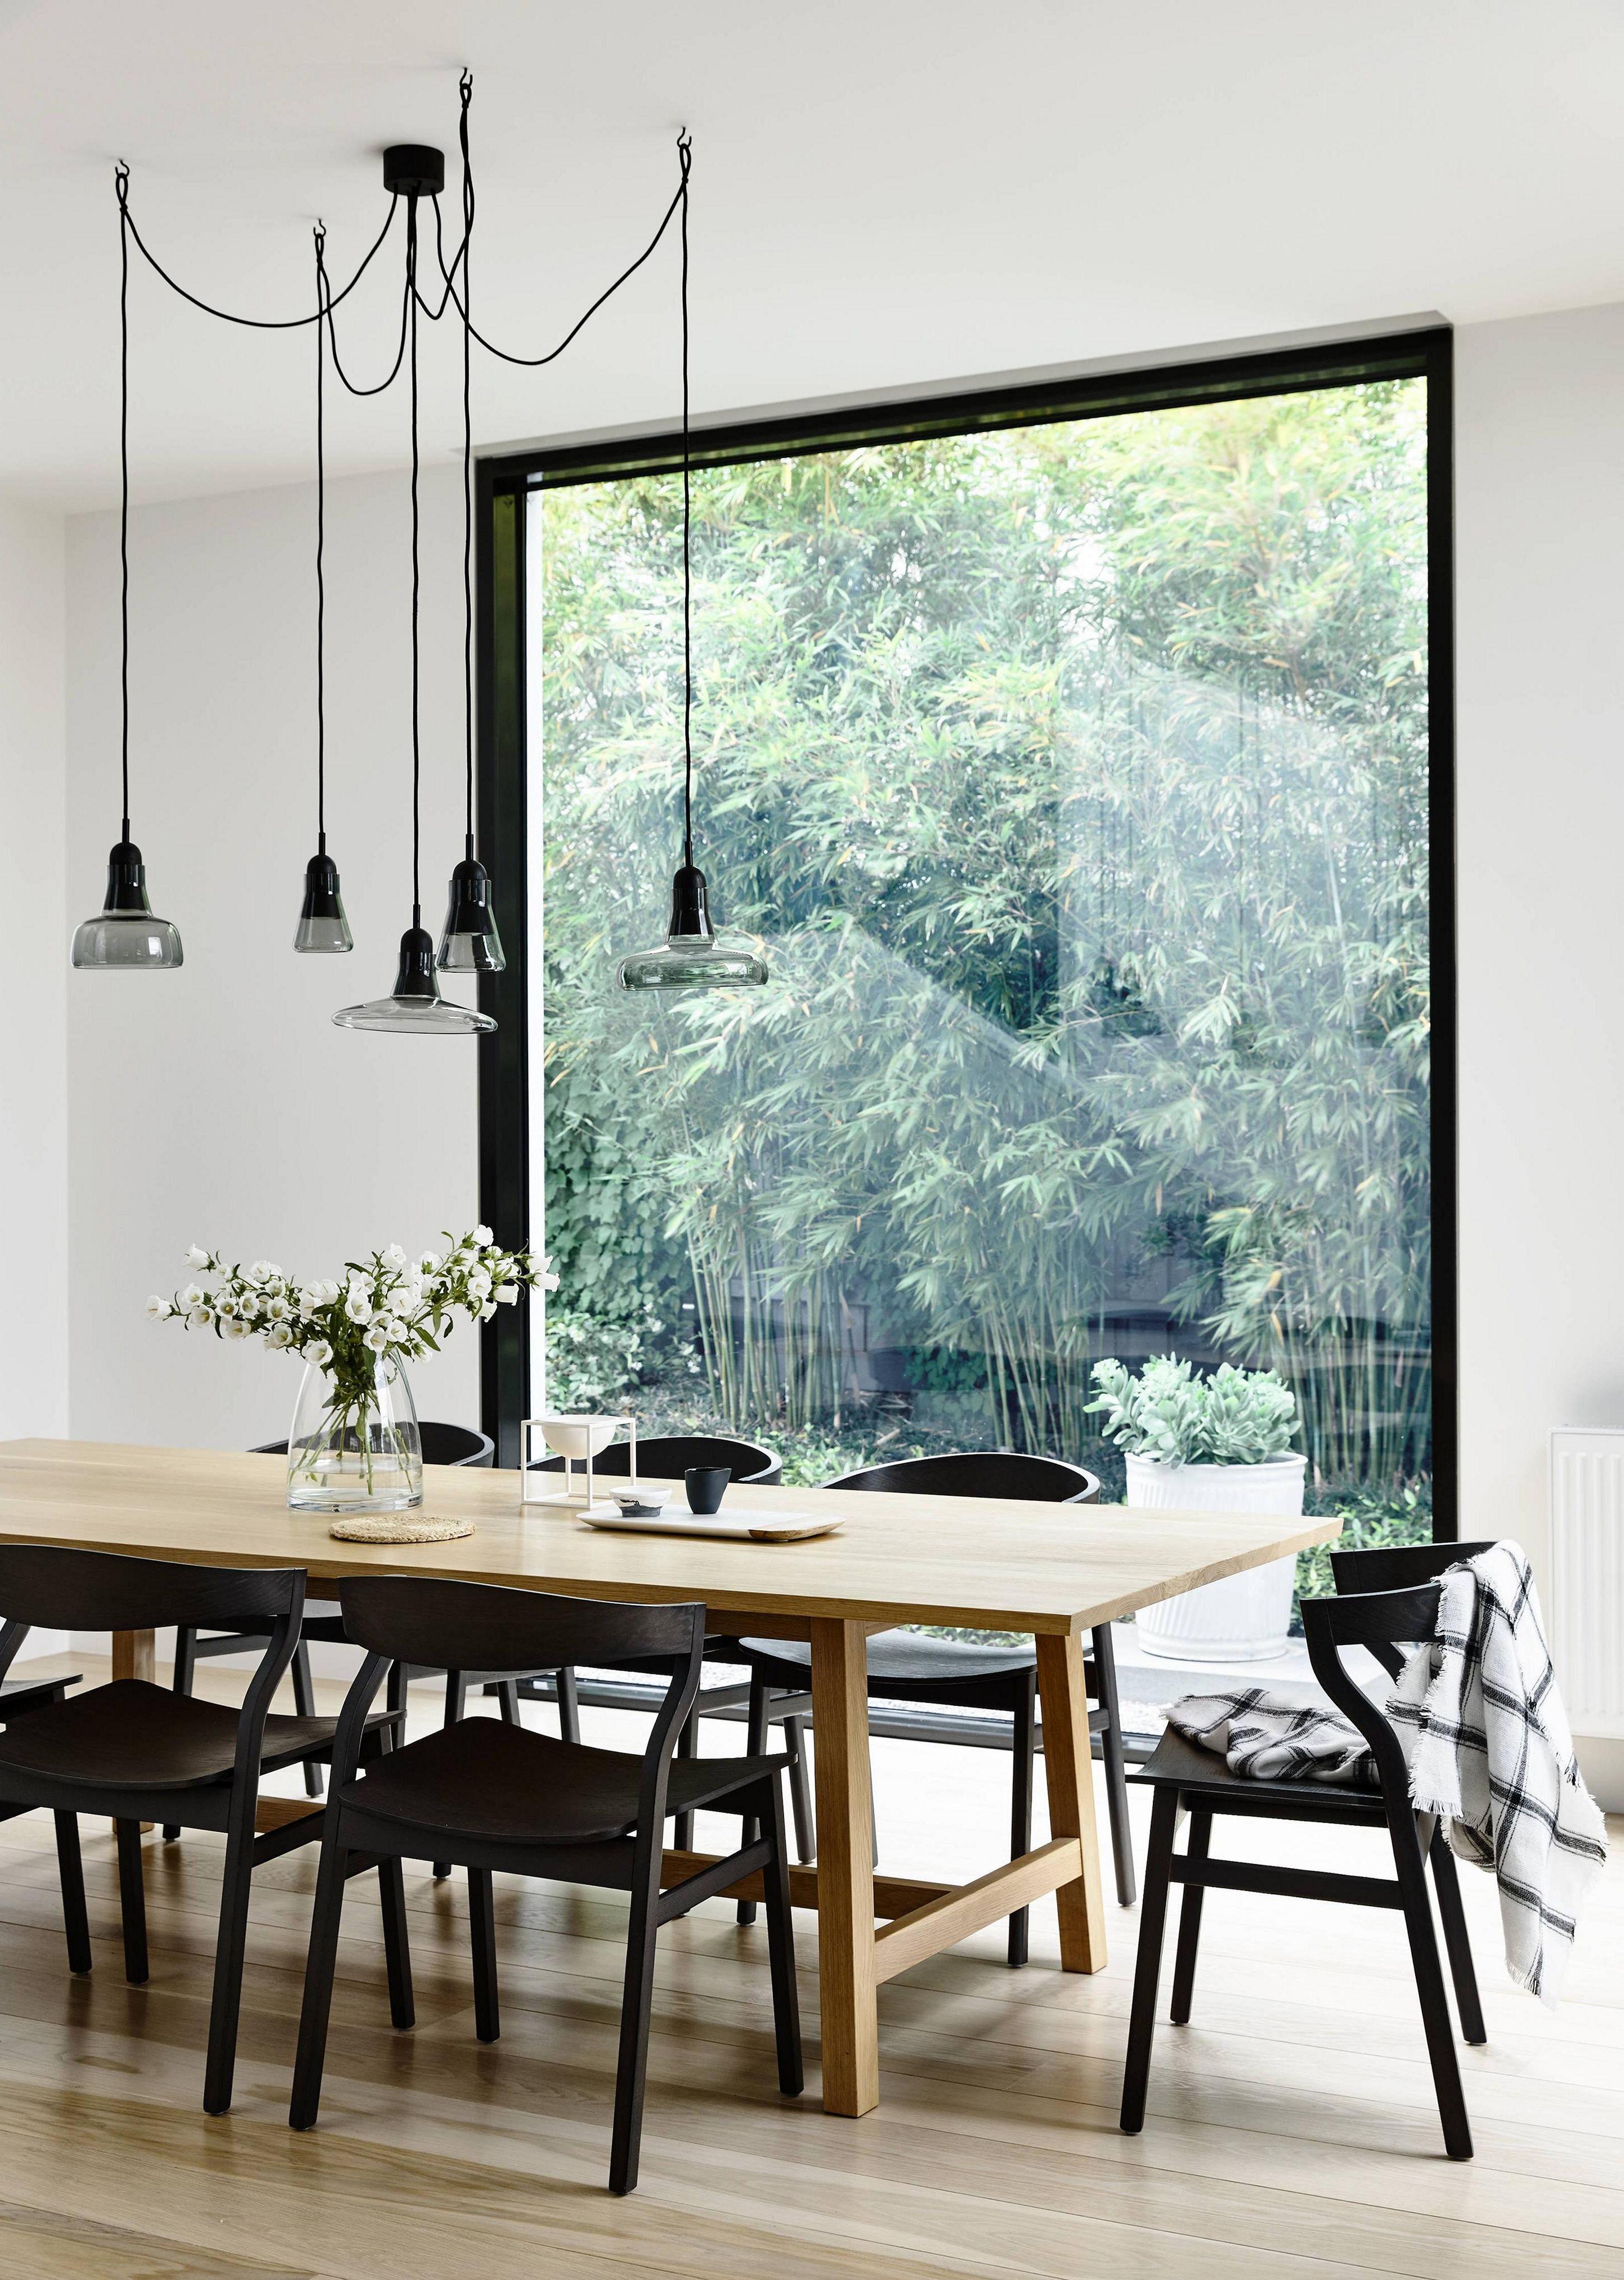 75 Simple and Minimalist Dining Table Decor Ideas | Minimalist ...